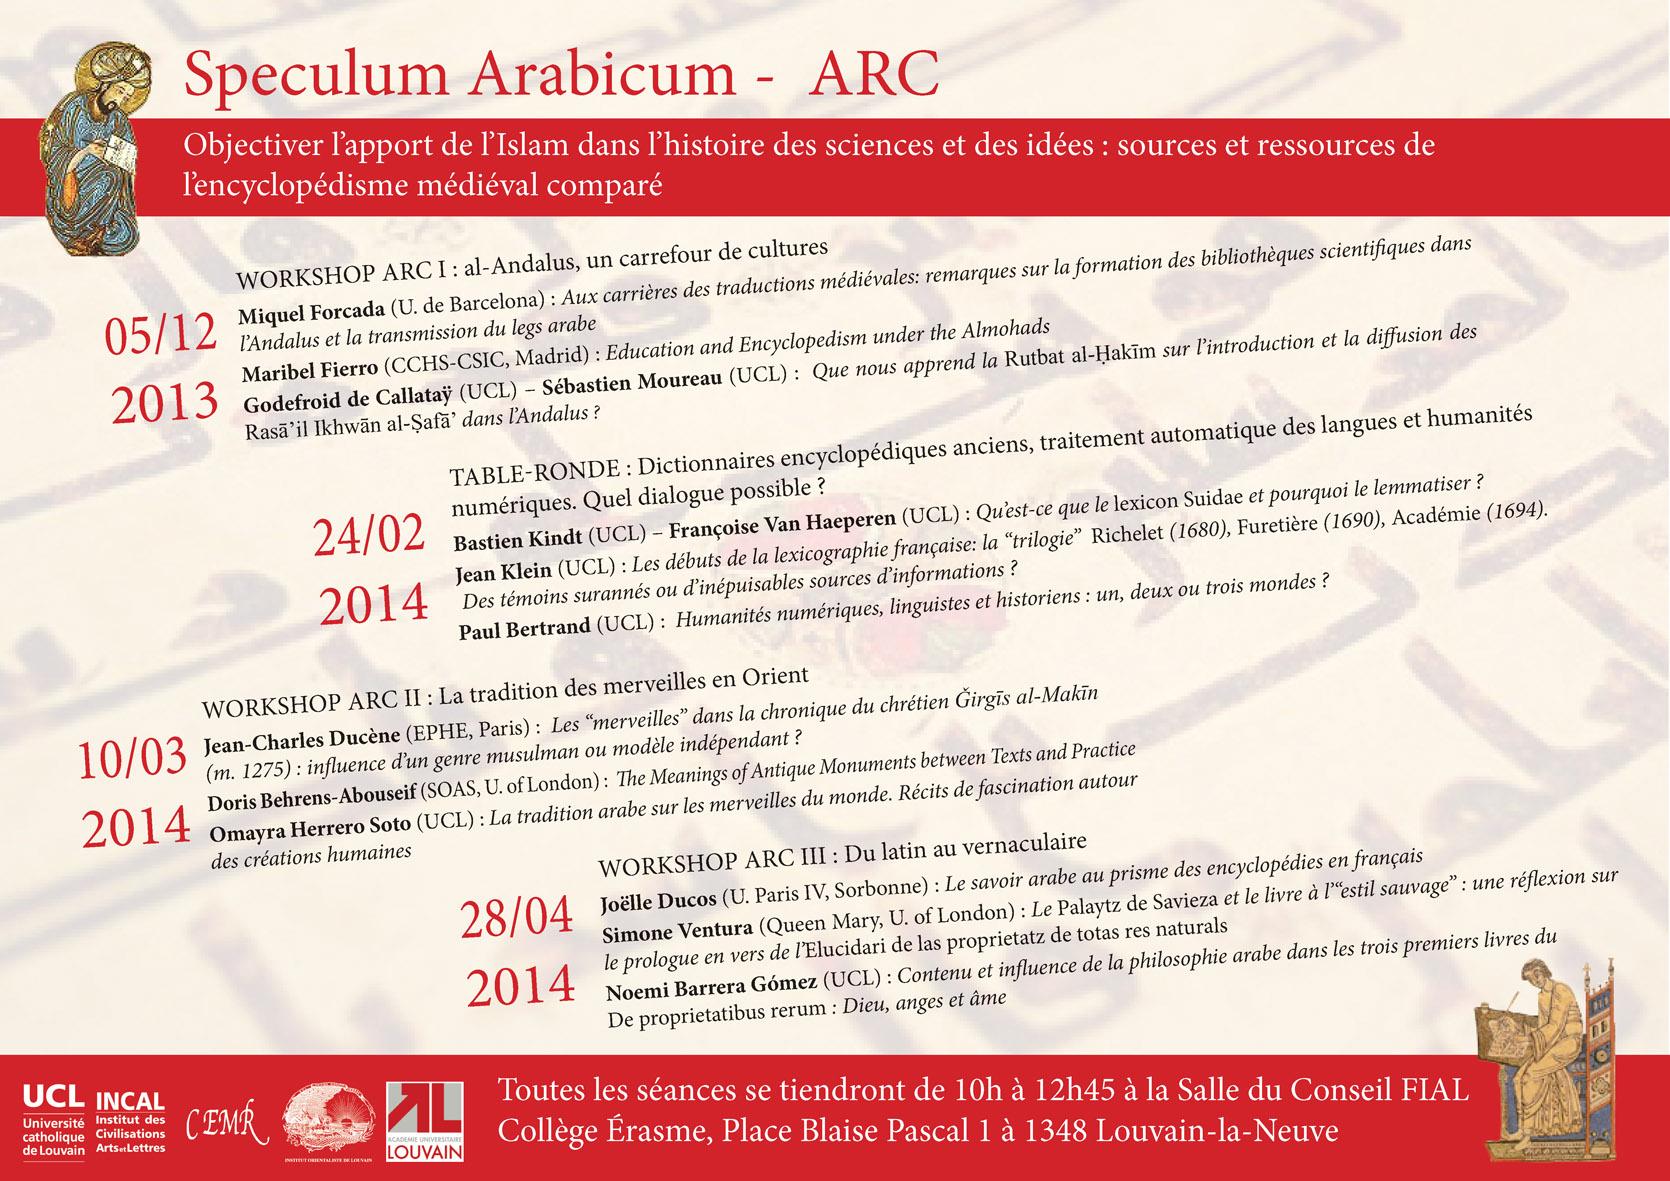 Speculum_arabicum